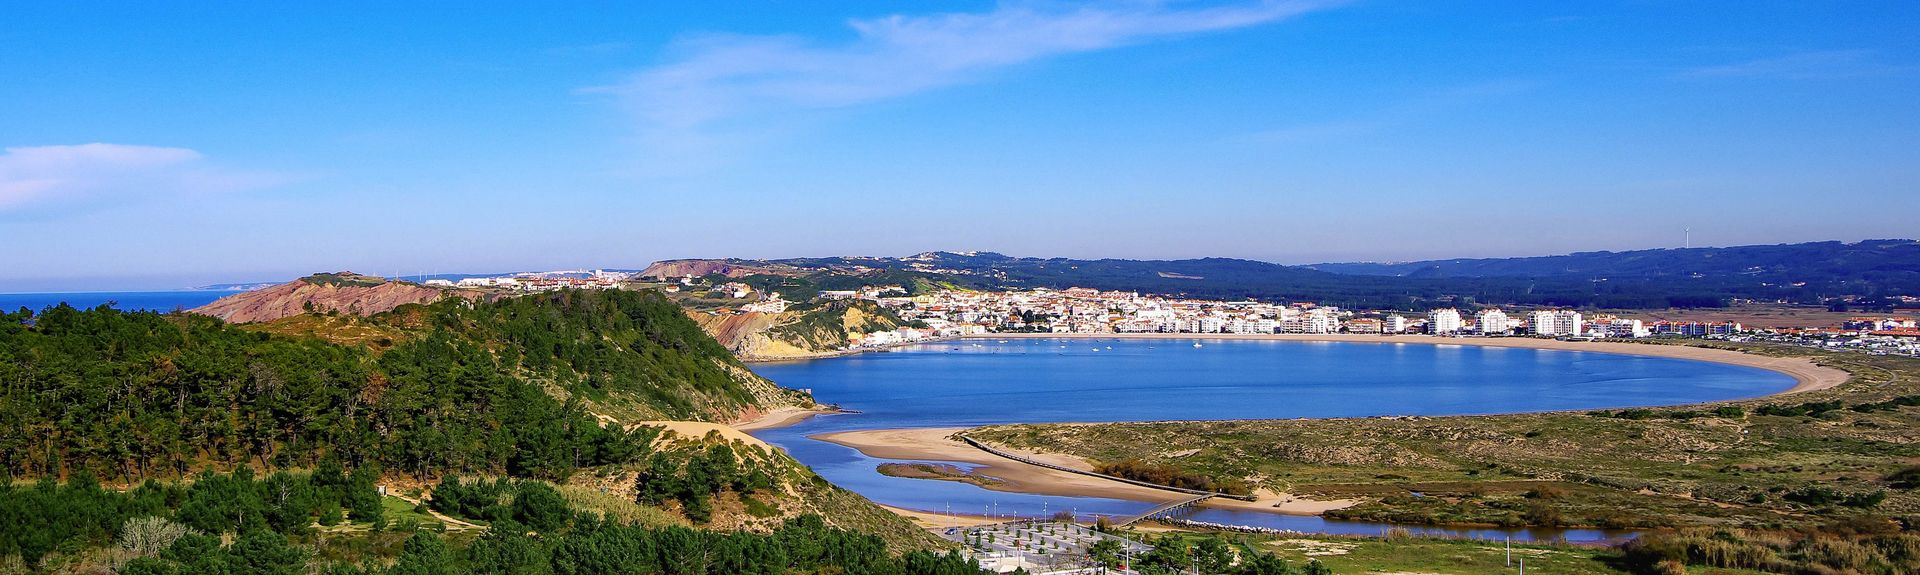 São Martinho, Funchal, Portugal